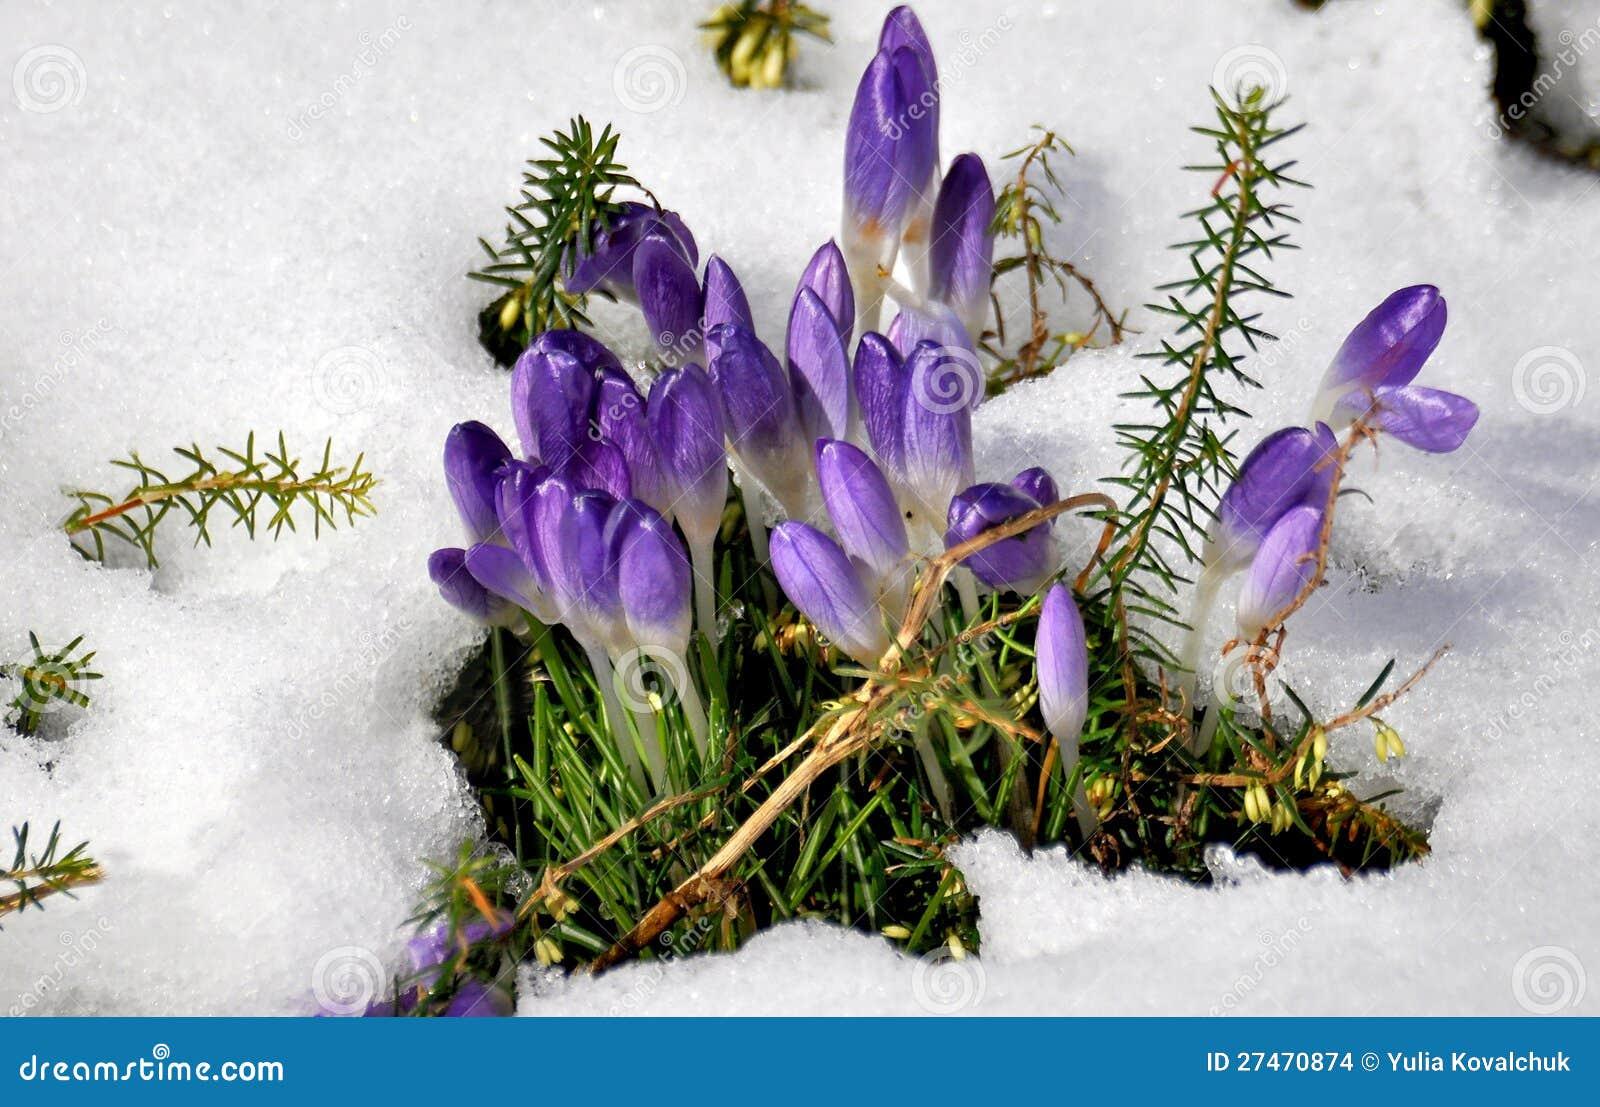 clip art spring snow - photo #35